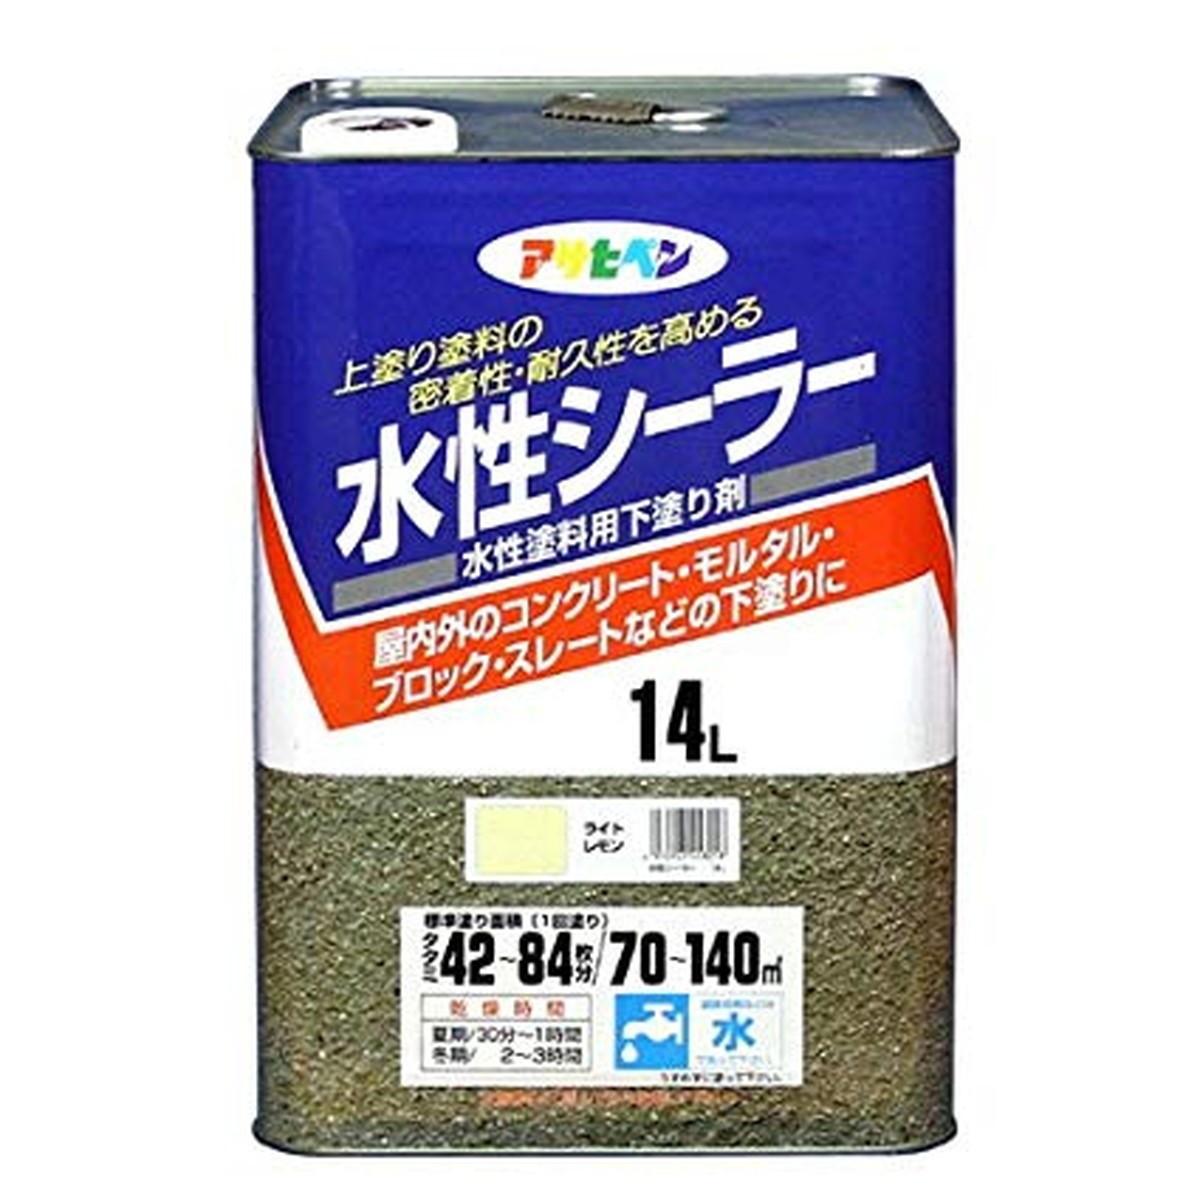 アサヒペン 水性シーラー ライトレモン 14L【クーポン配布中】